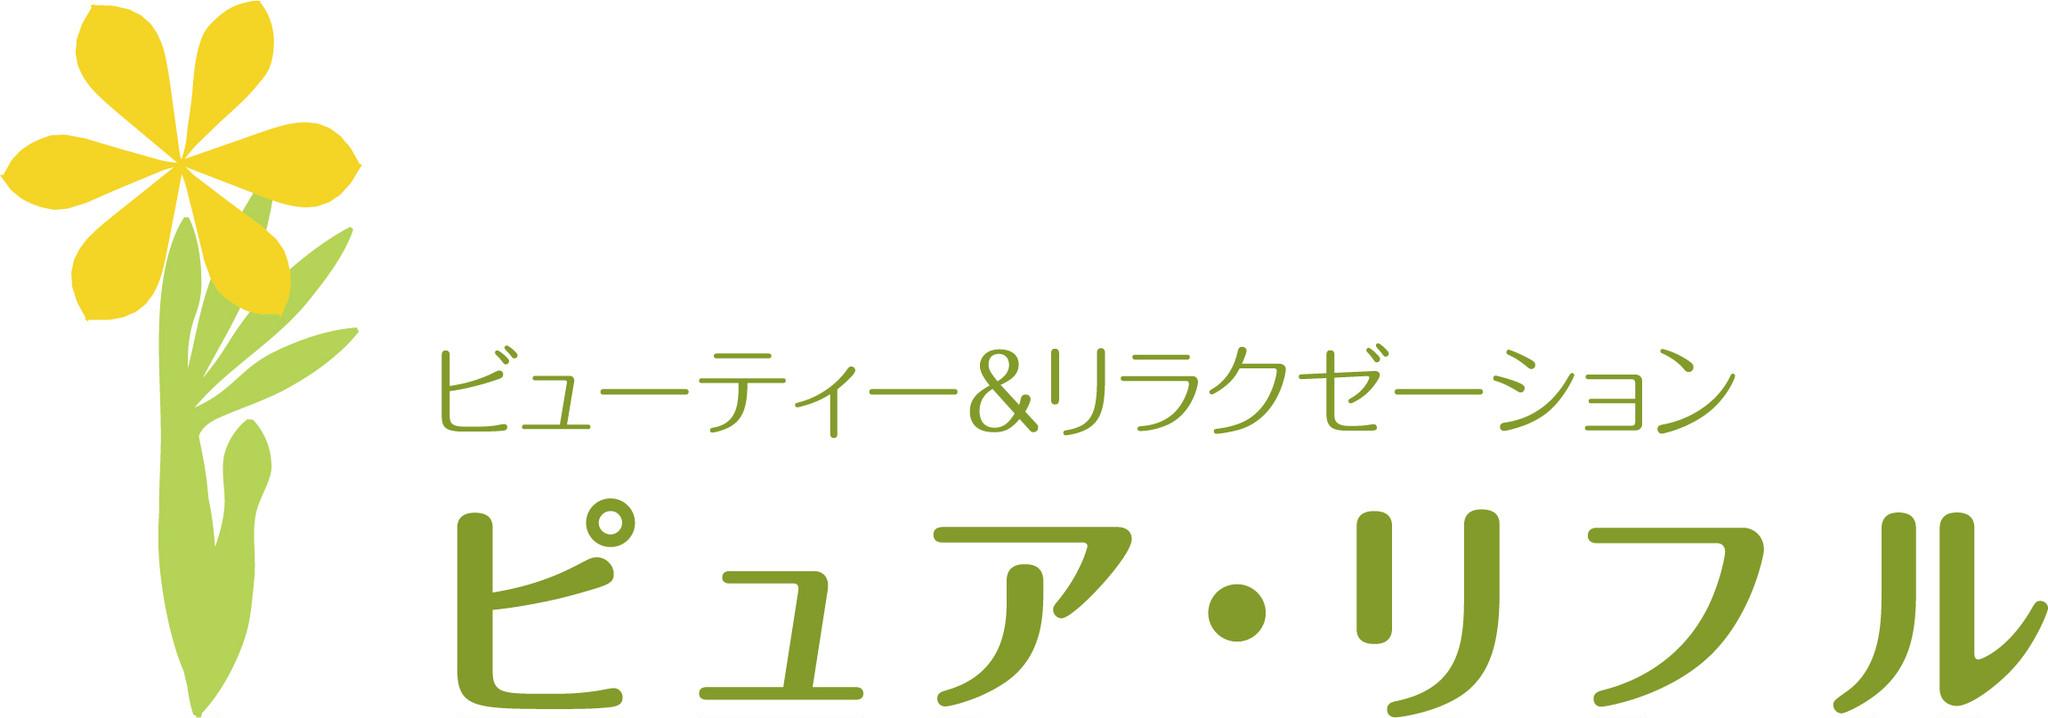 綺羅化粧品 ピュアリフル ナチュラル&メディカル